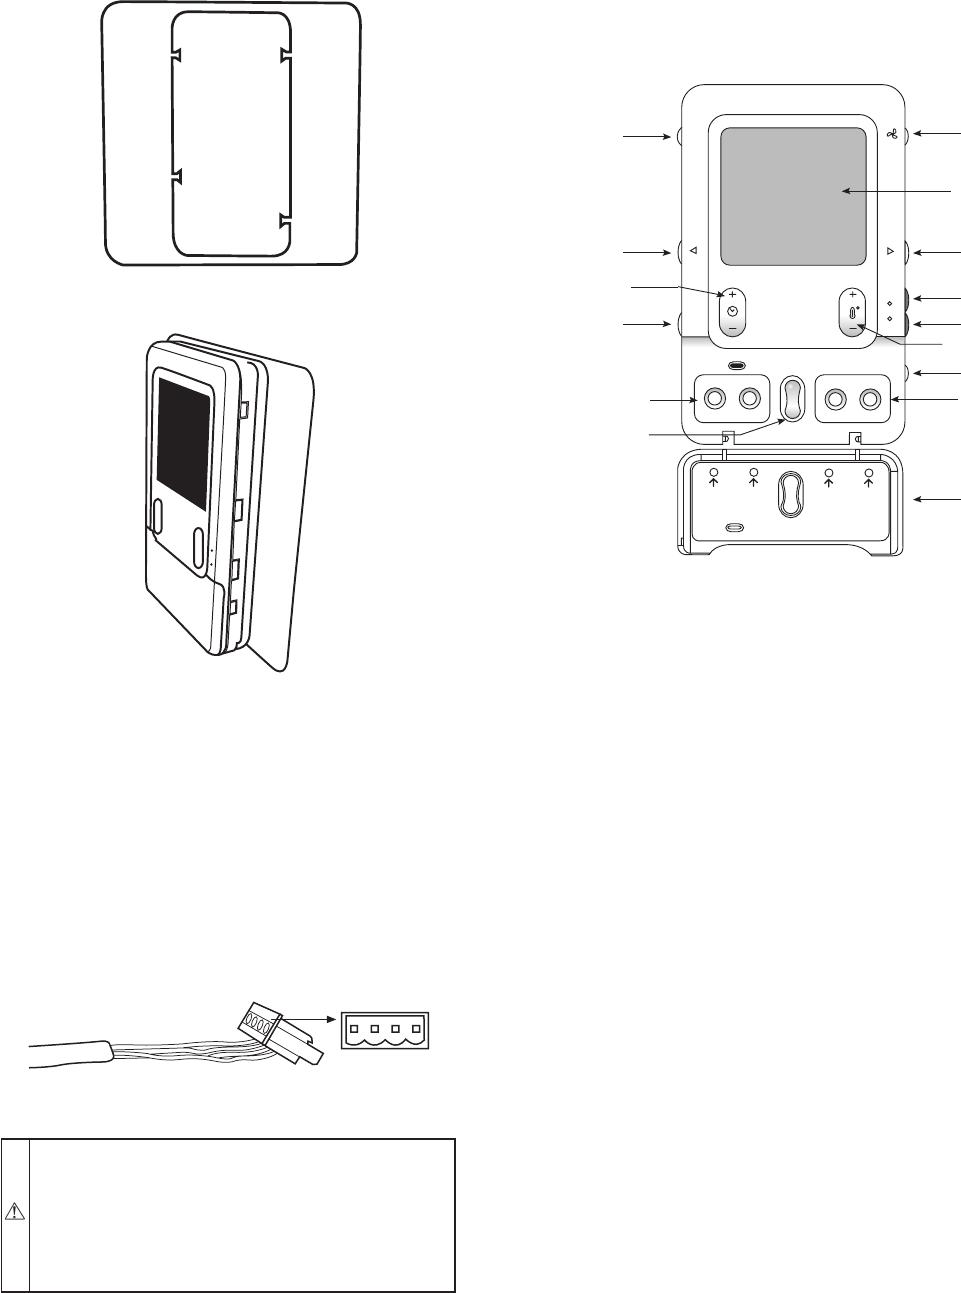 Bryant Heat Pump Thermostat Wiring Diagram Bryant Circuit Diagrams